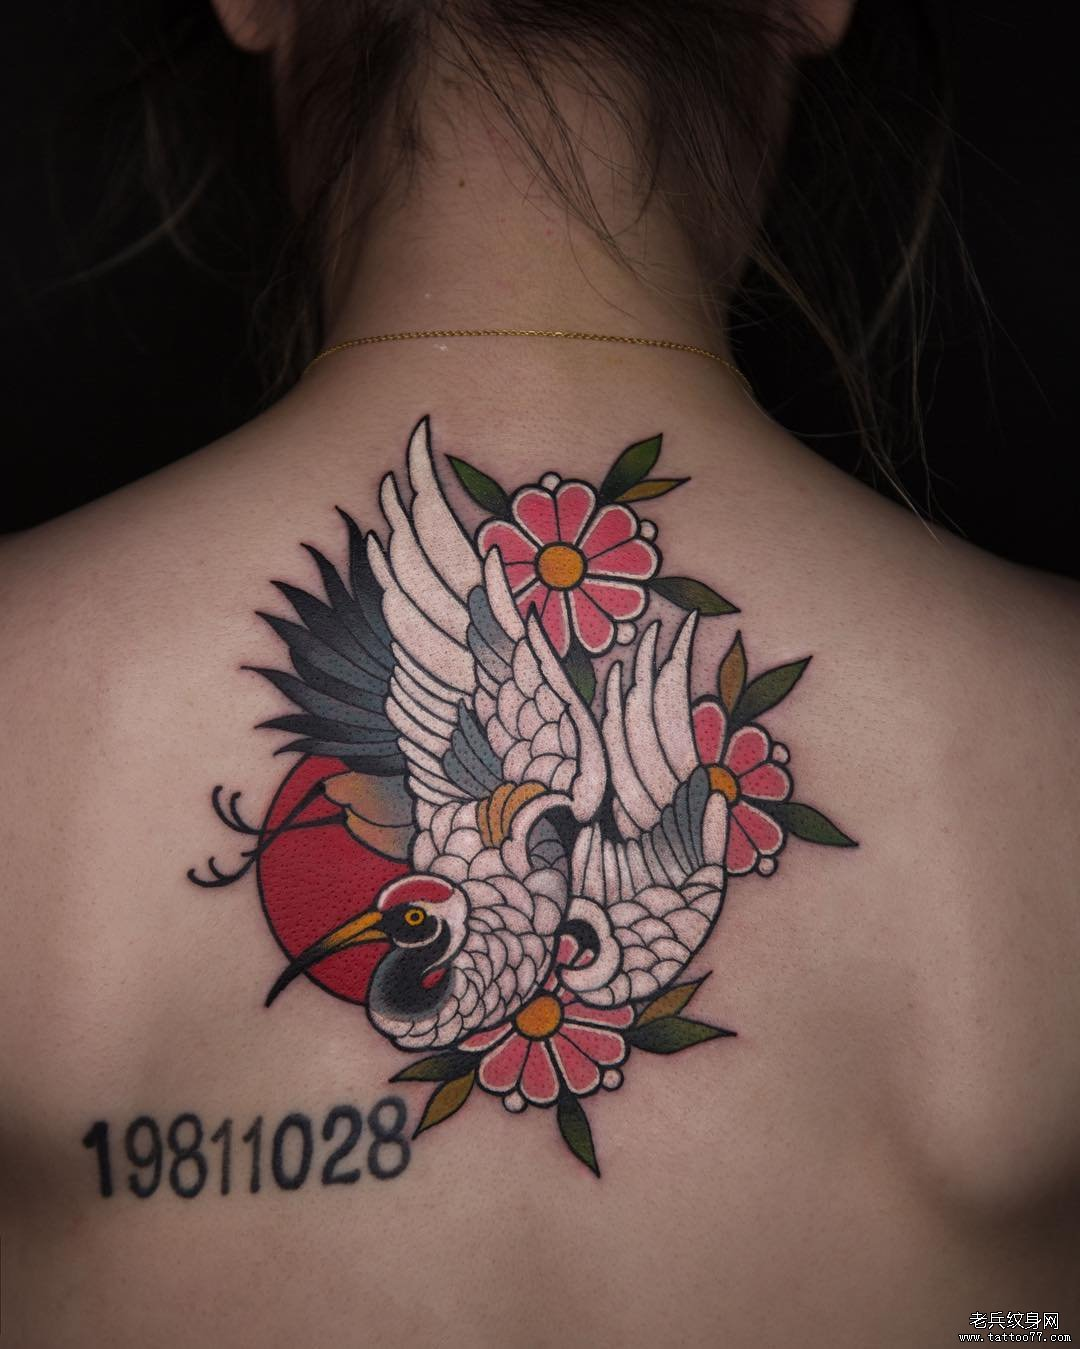 后背满背彩色狼纹身图案